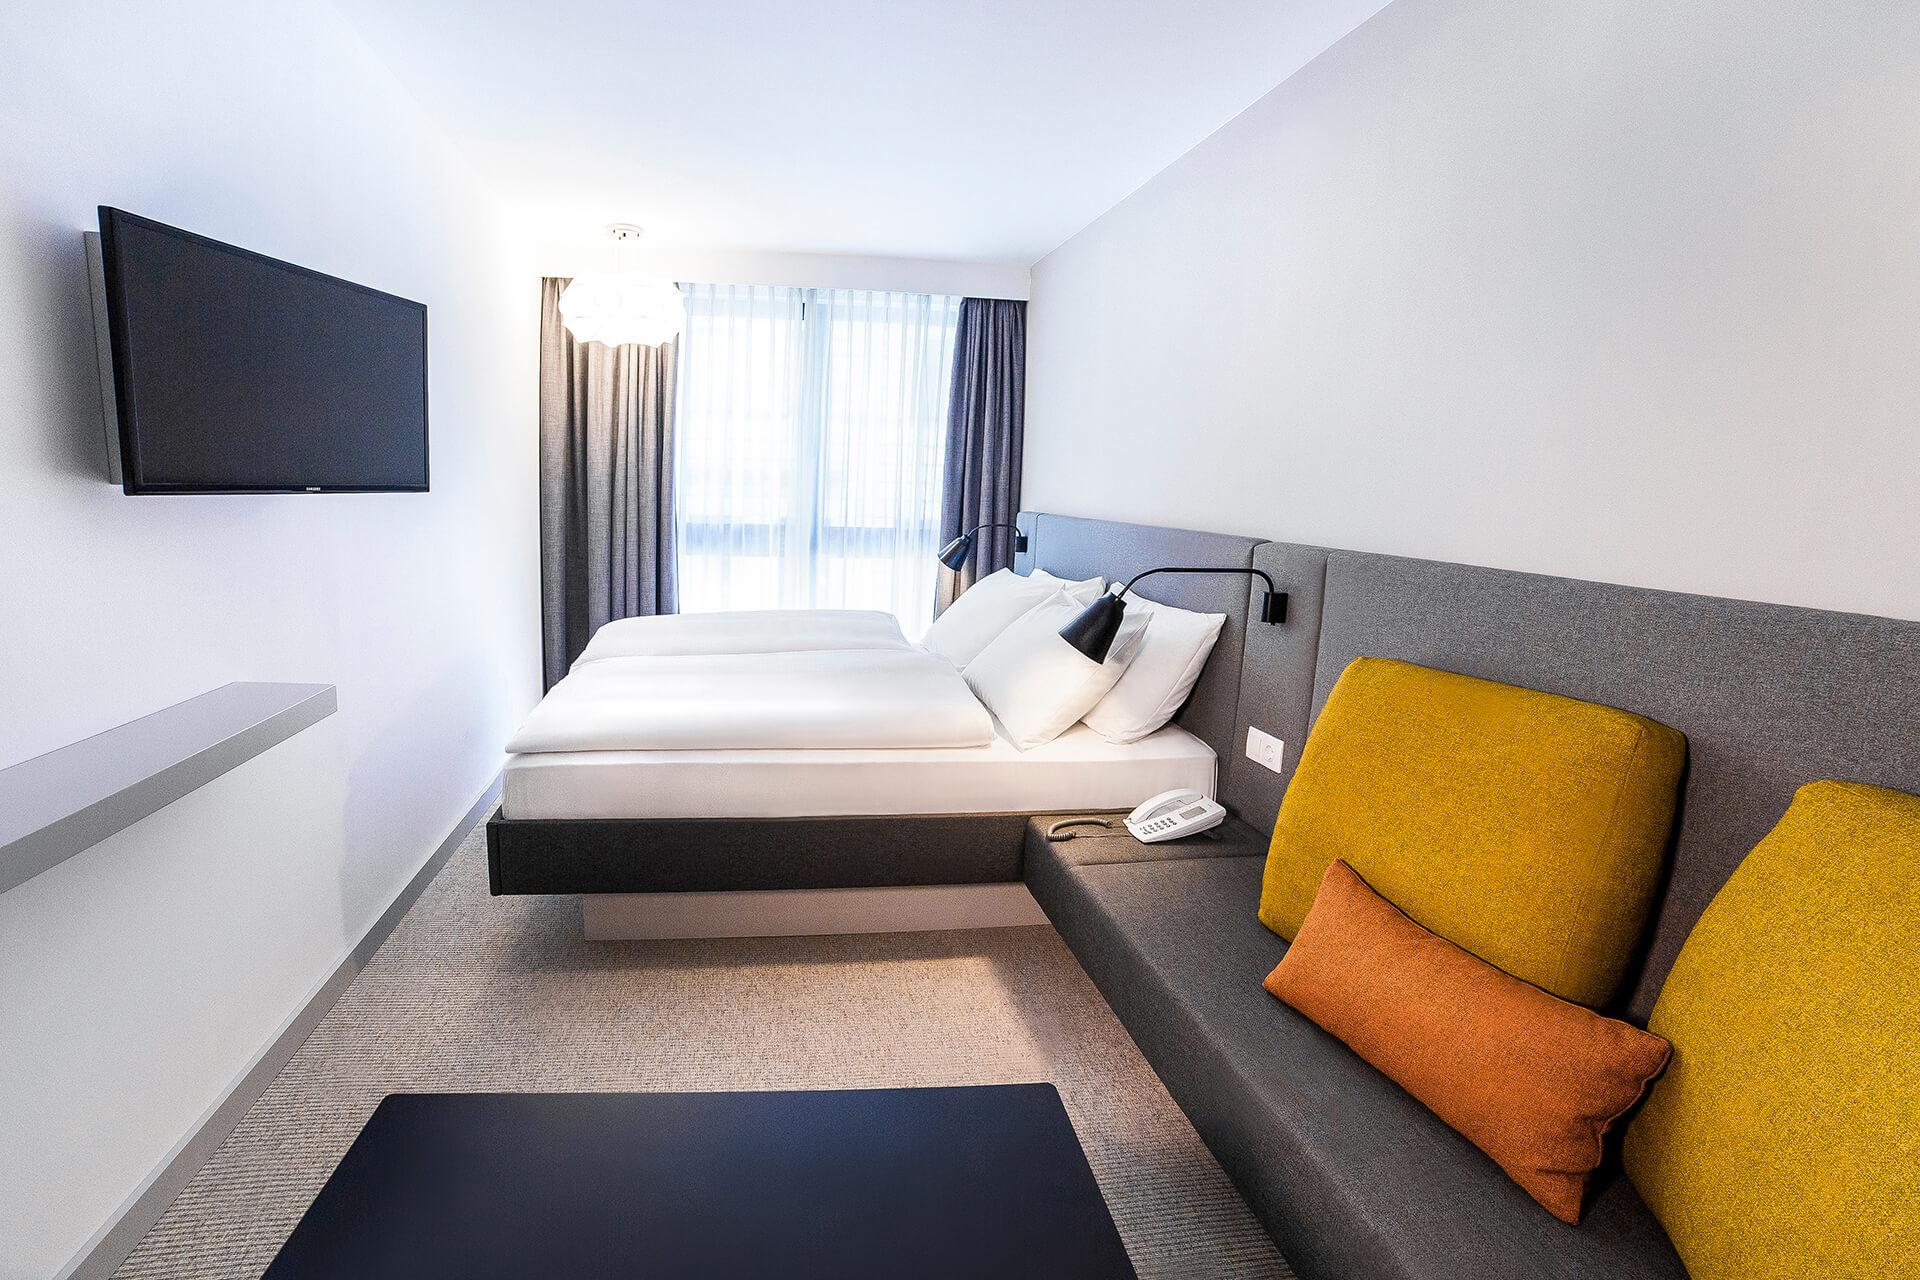 h-hotels_zimmer-hplus-hotel-wien_(c) H-Hotels.com